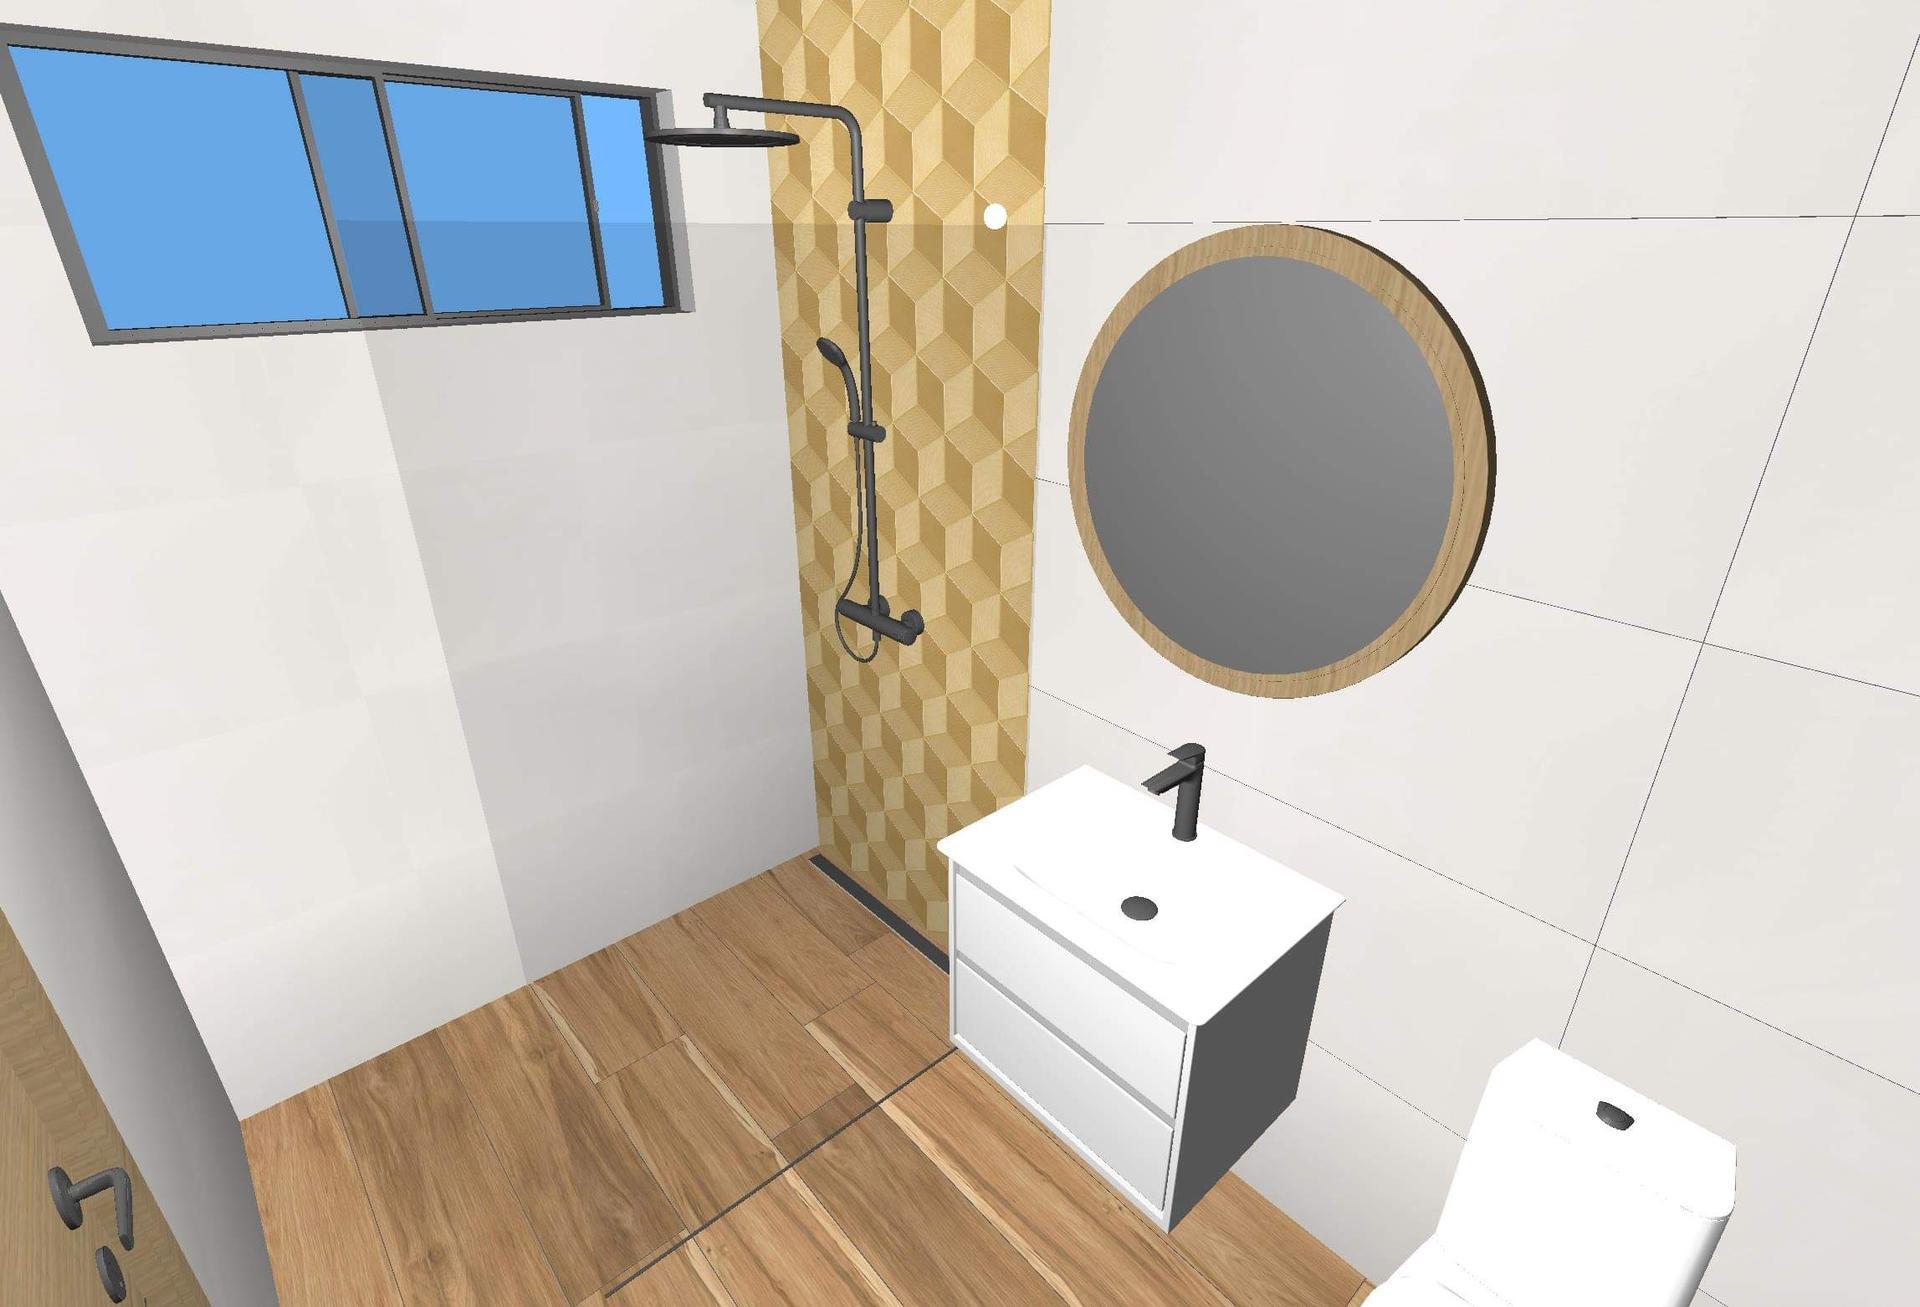 Kúpeľňa, čo zmeniť, nie obklad to ešte nie, skôr umiestnenie - Obrázok č. 2